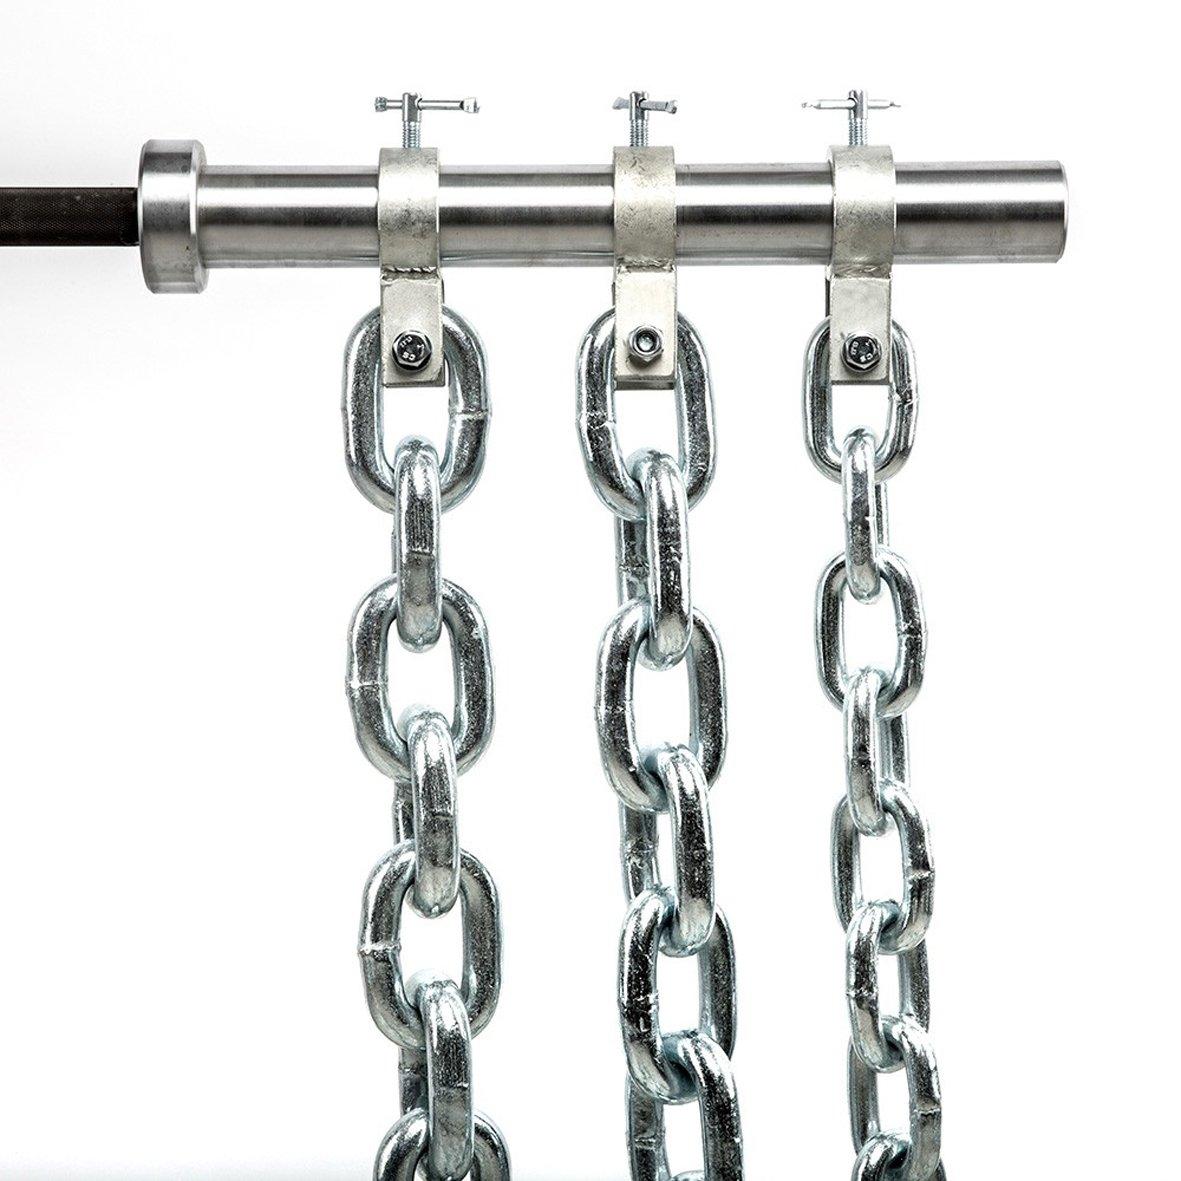 Powerketten 24 kg - Paar - Stahl, verzinkt zur Befestigung an der 50 mm Hantelstange